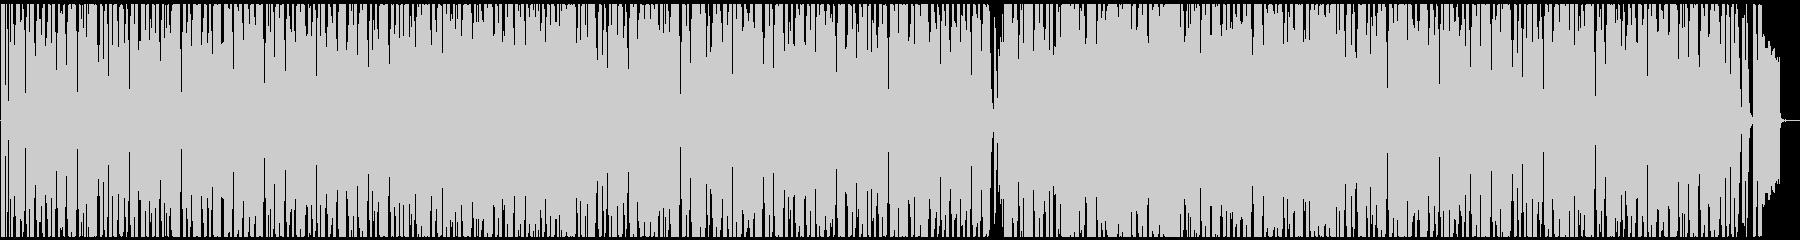 シンセポップフュージョンの未再生の波形